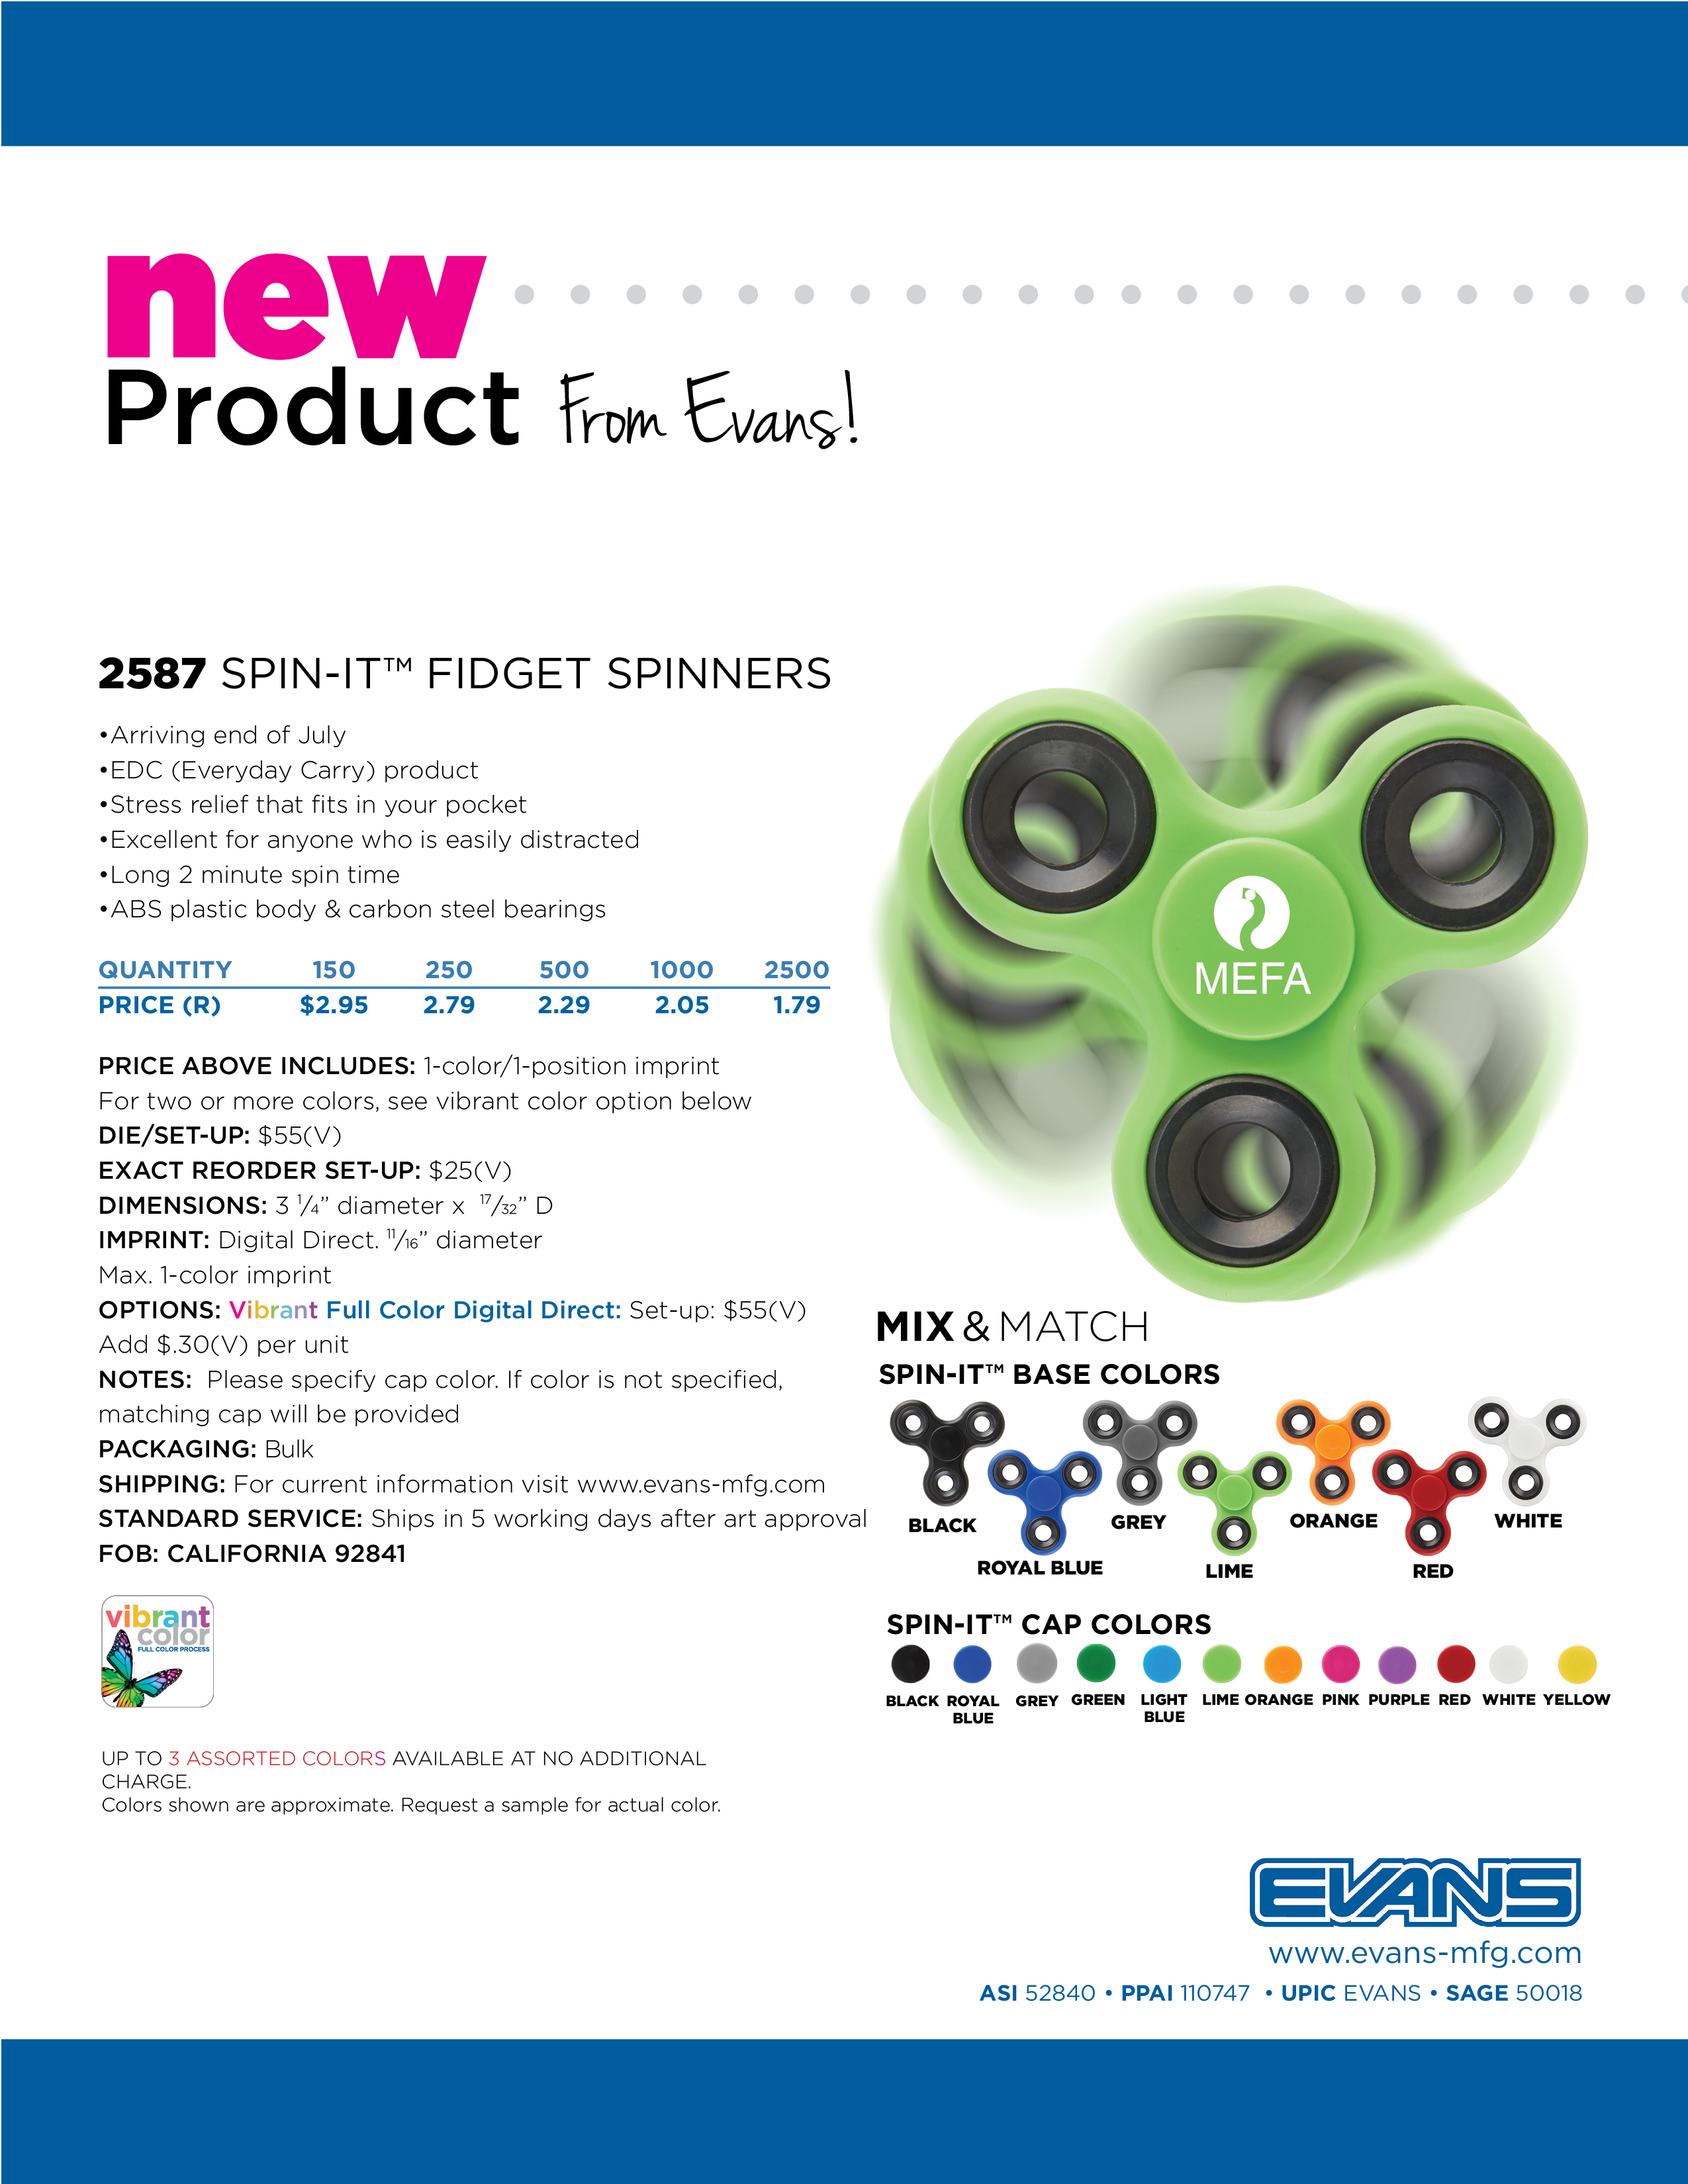 2587 Spin-It Fidget Spinner